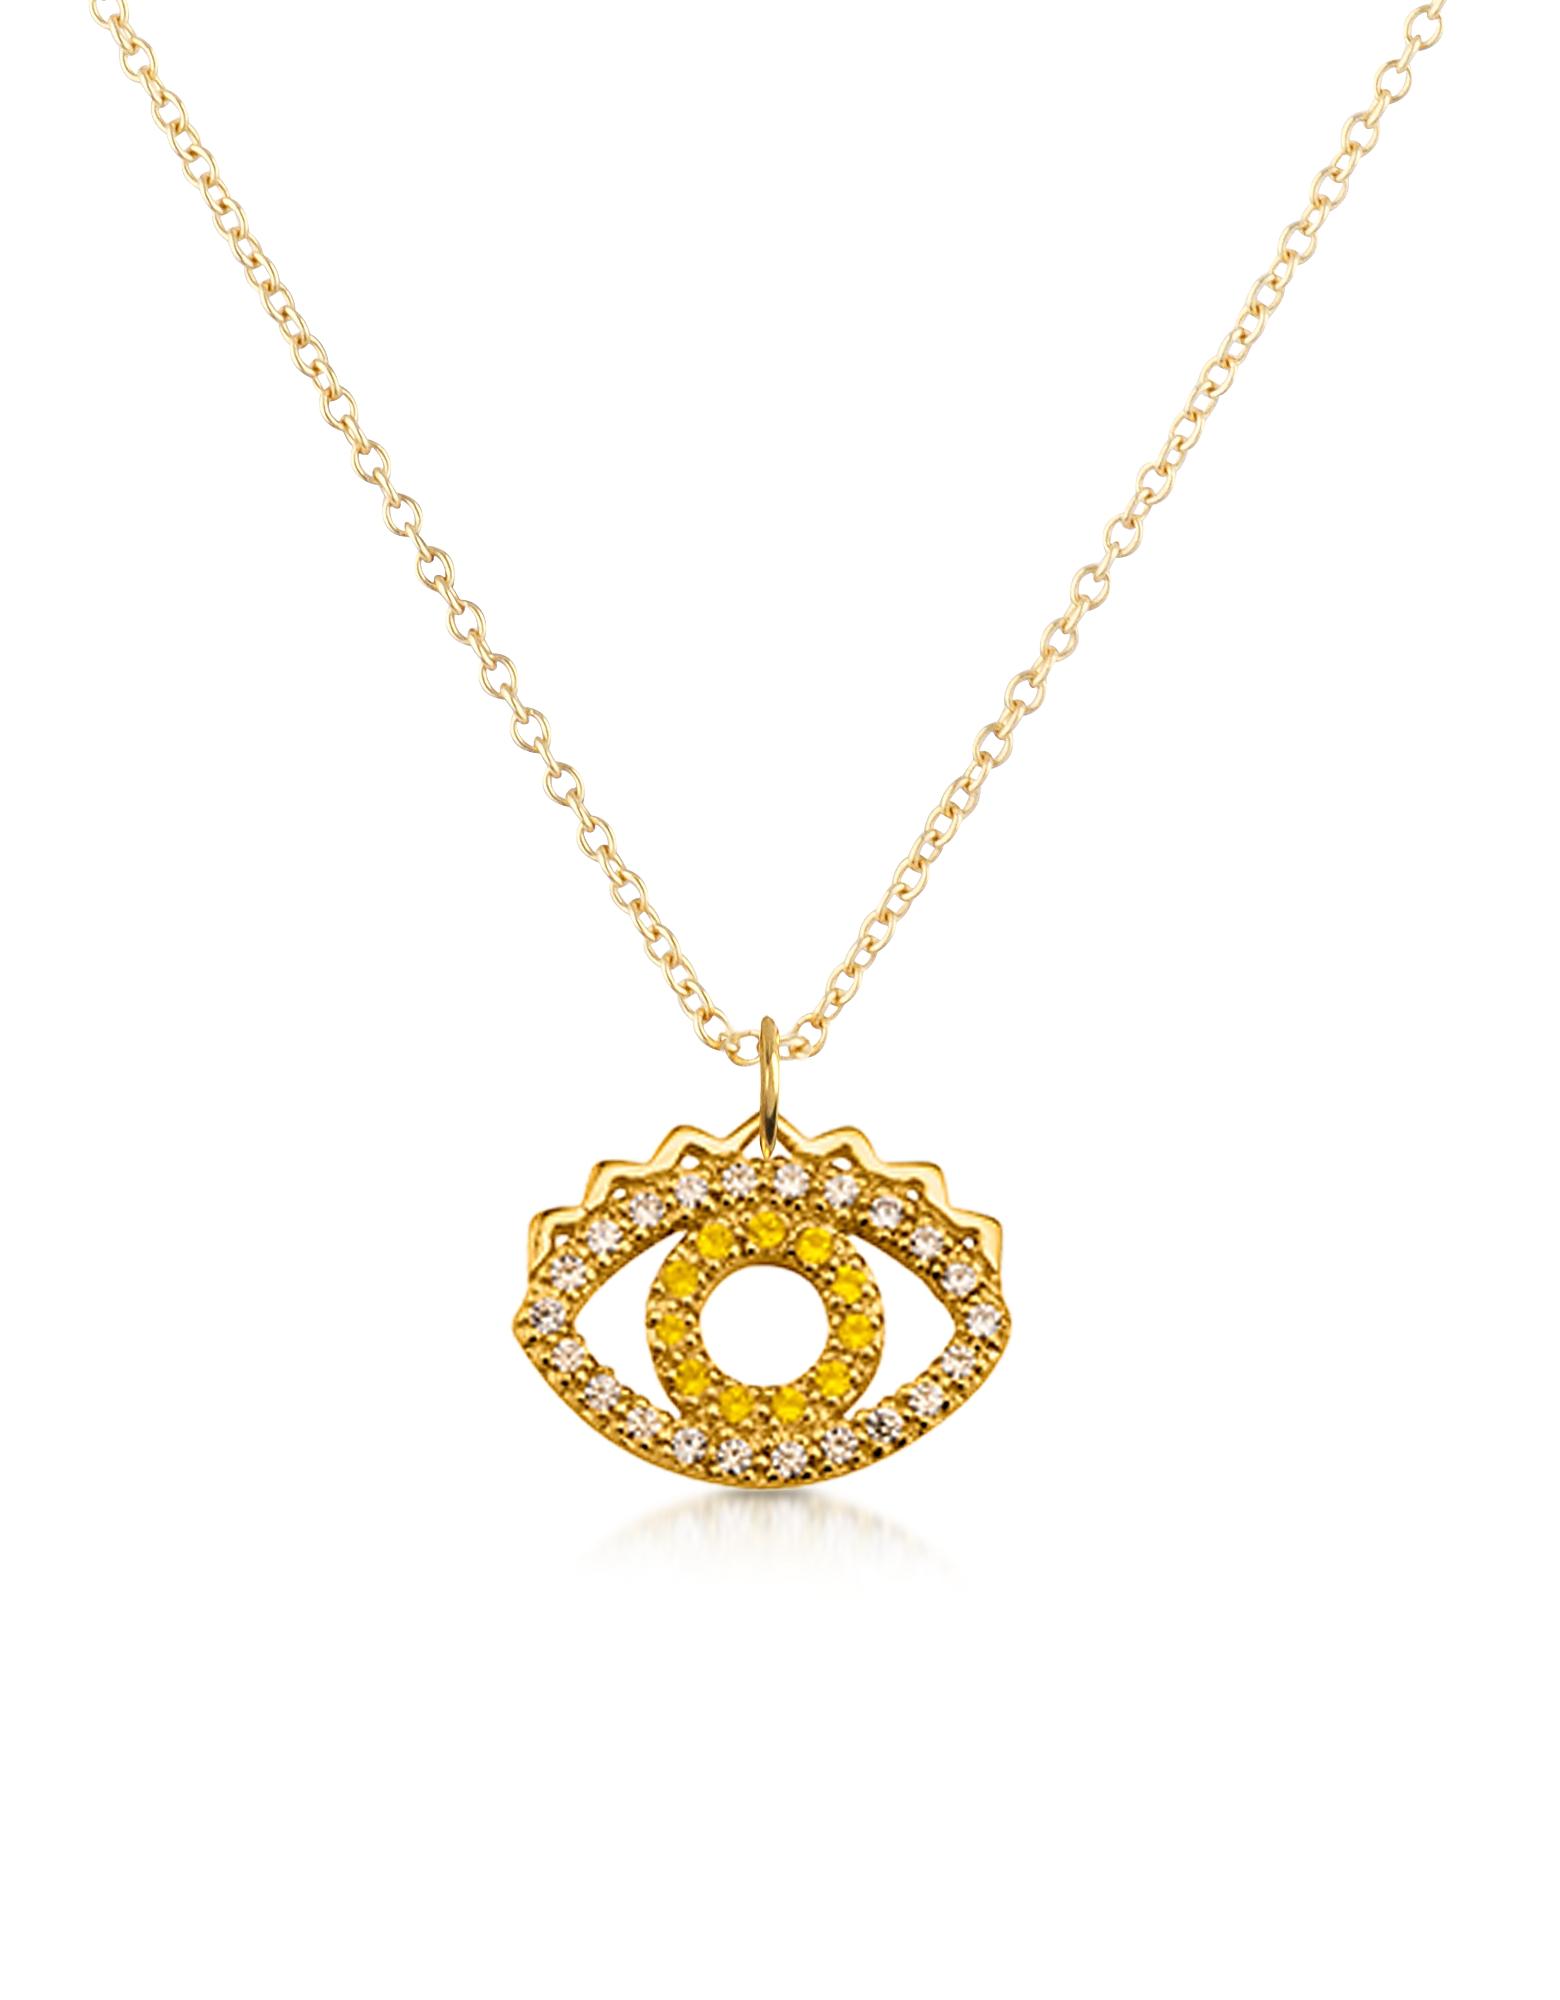 Золотистое Ожерелье из Стерлингового Серебра с Маленькой Подвеской-Глазом